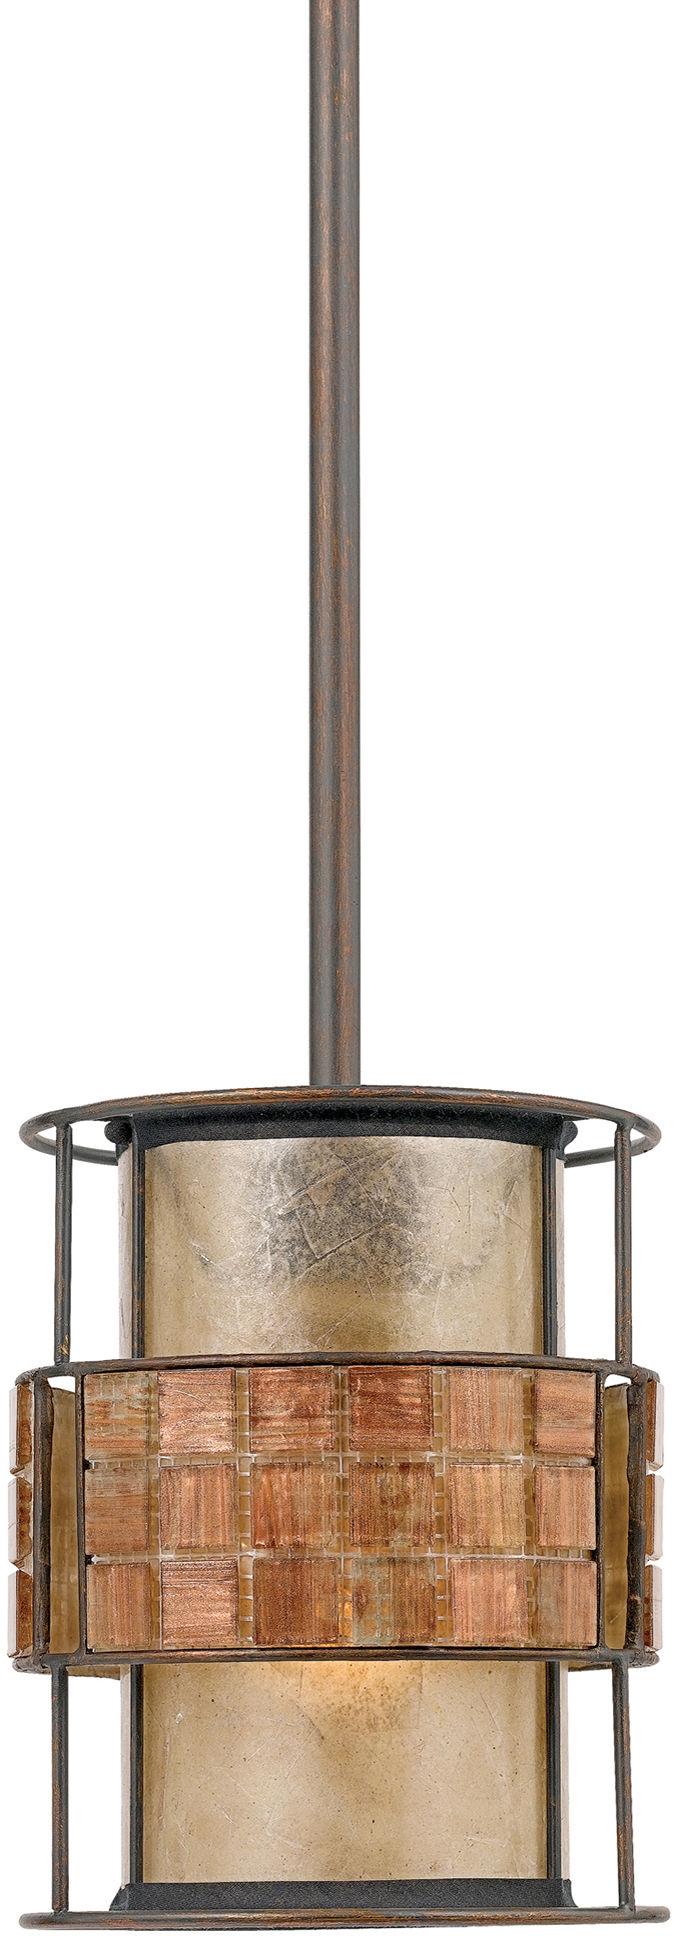 Lampa wisząca Laguna QZ/LAGUNA/MP Quoizel dekoracyjna oprawa w kolorze miedzi